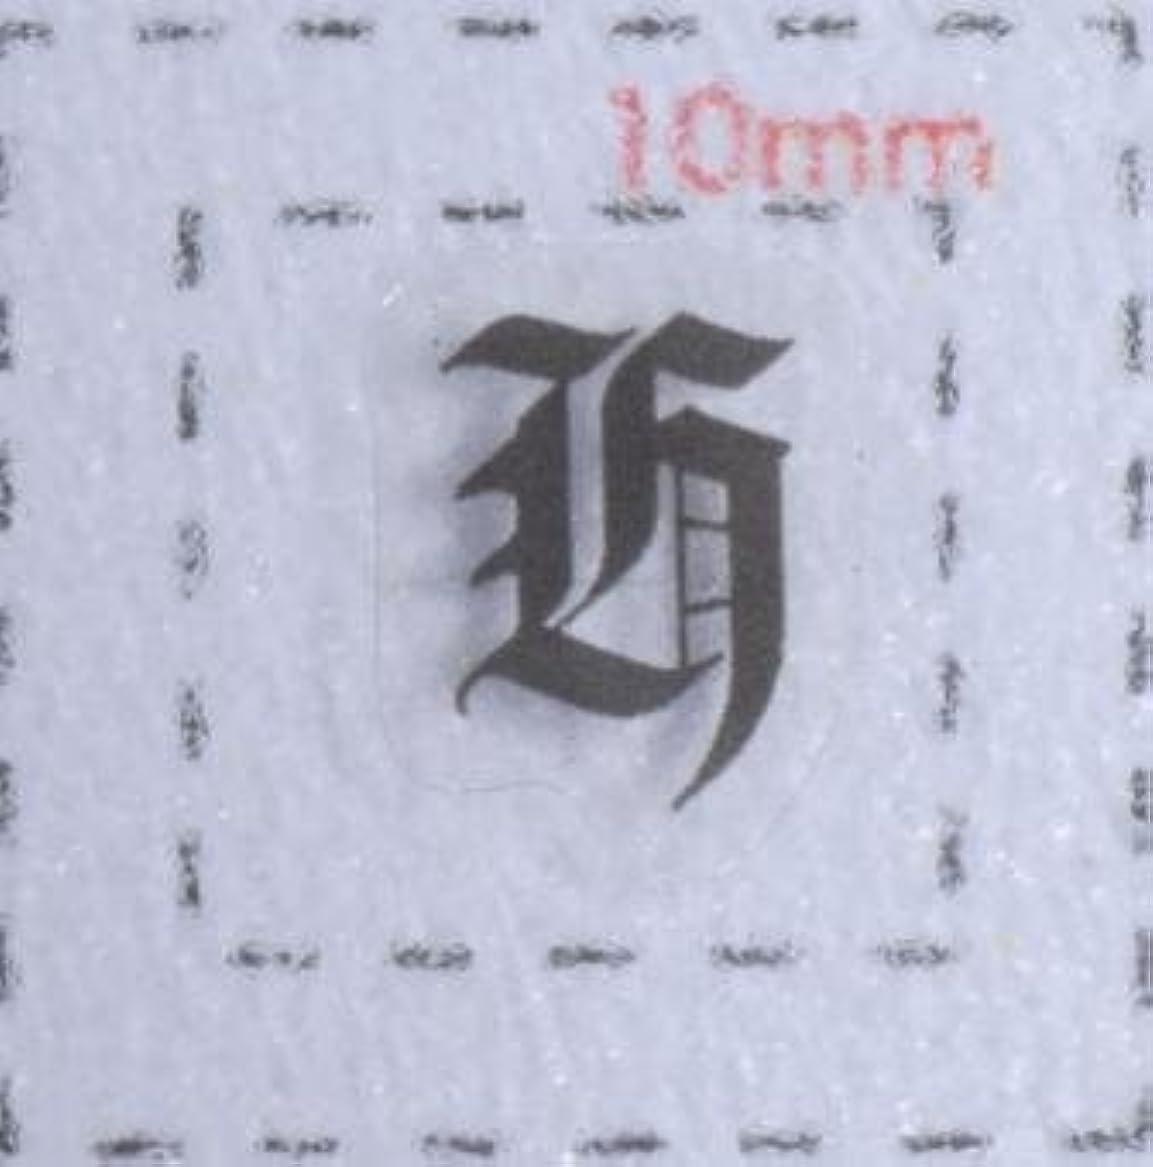 キャリアプット鳩ネイルシール【アルファベット?イニシャル】大文字4 英字(H)9枚入